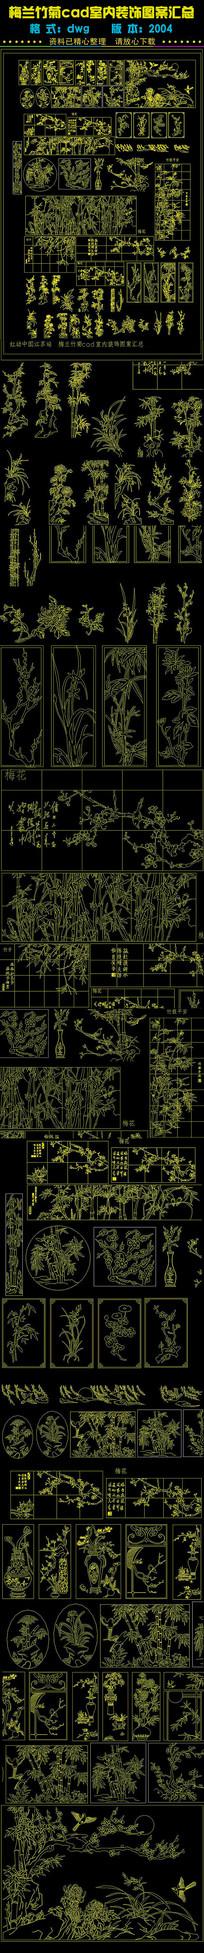 梅兰竹菊cad室内装饰图案